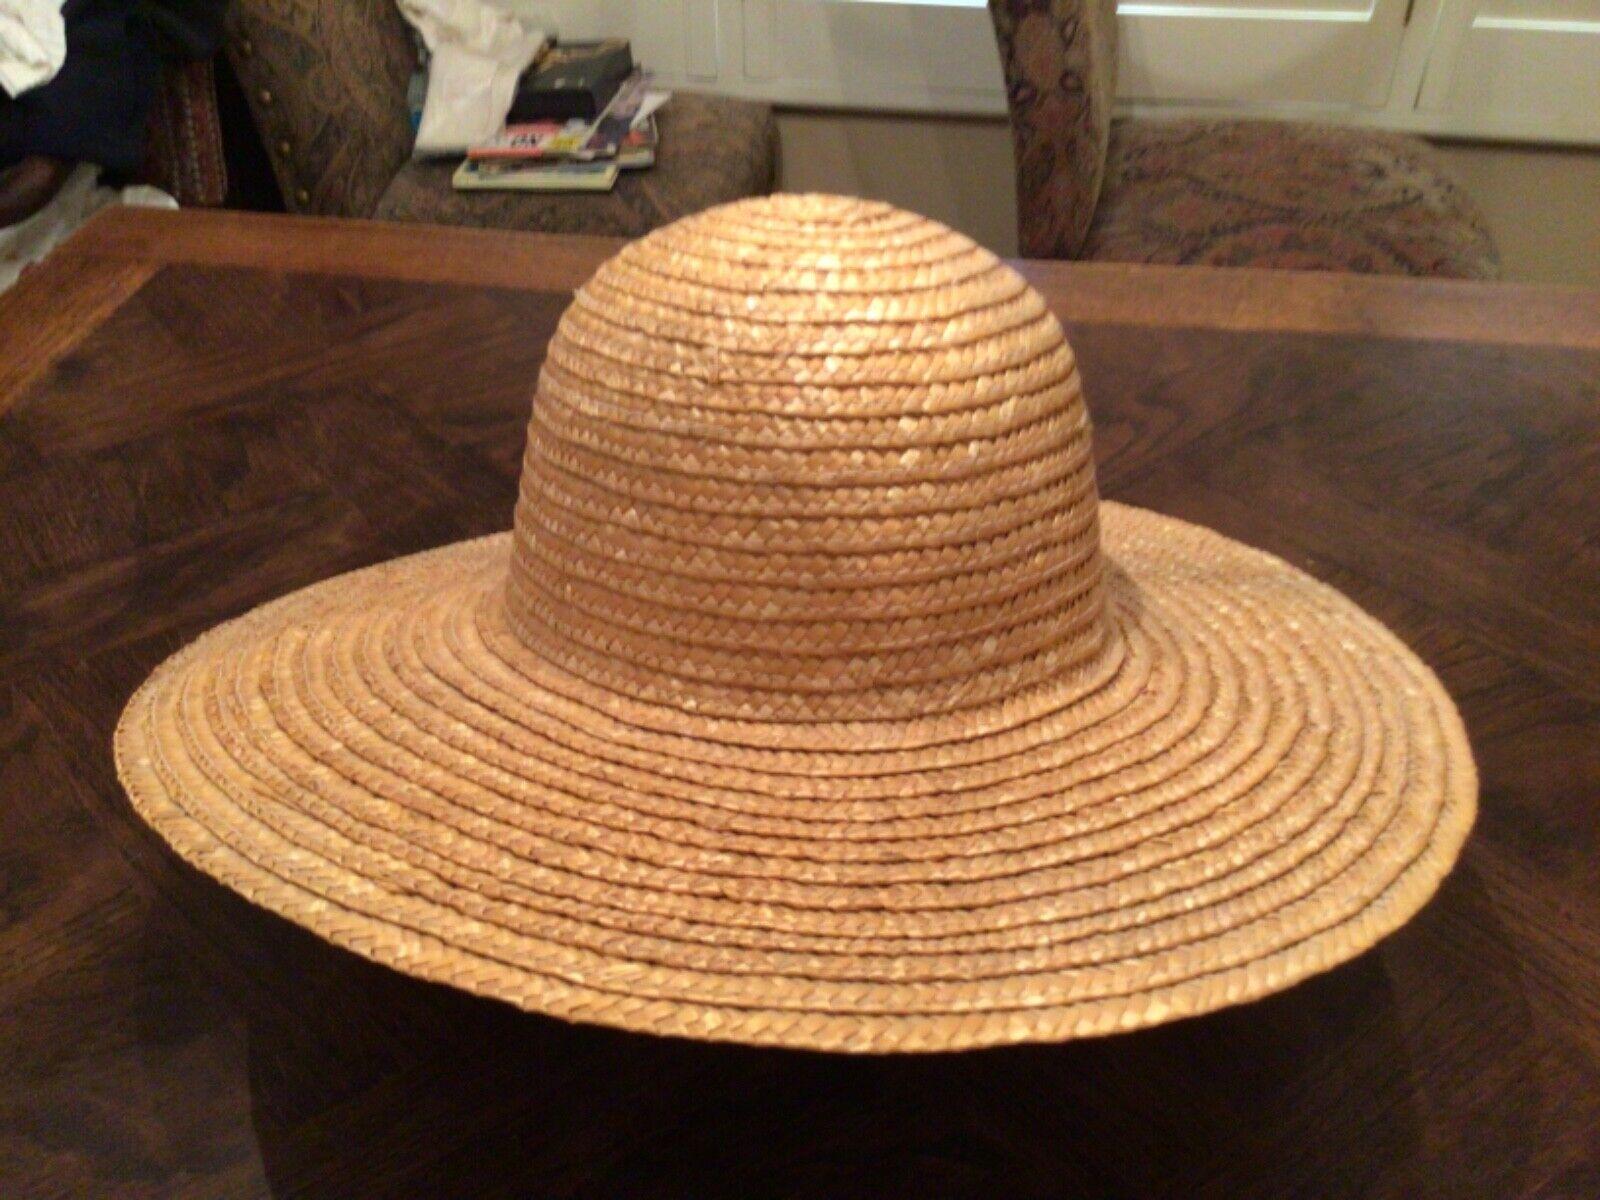 VINTAGE ARLIN WIDE BRIMMED STRAW HAT - image 1